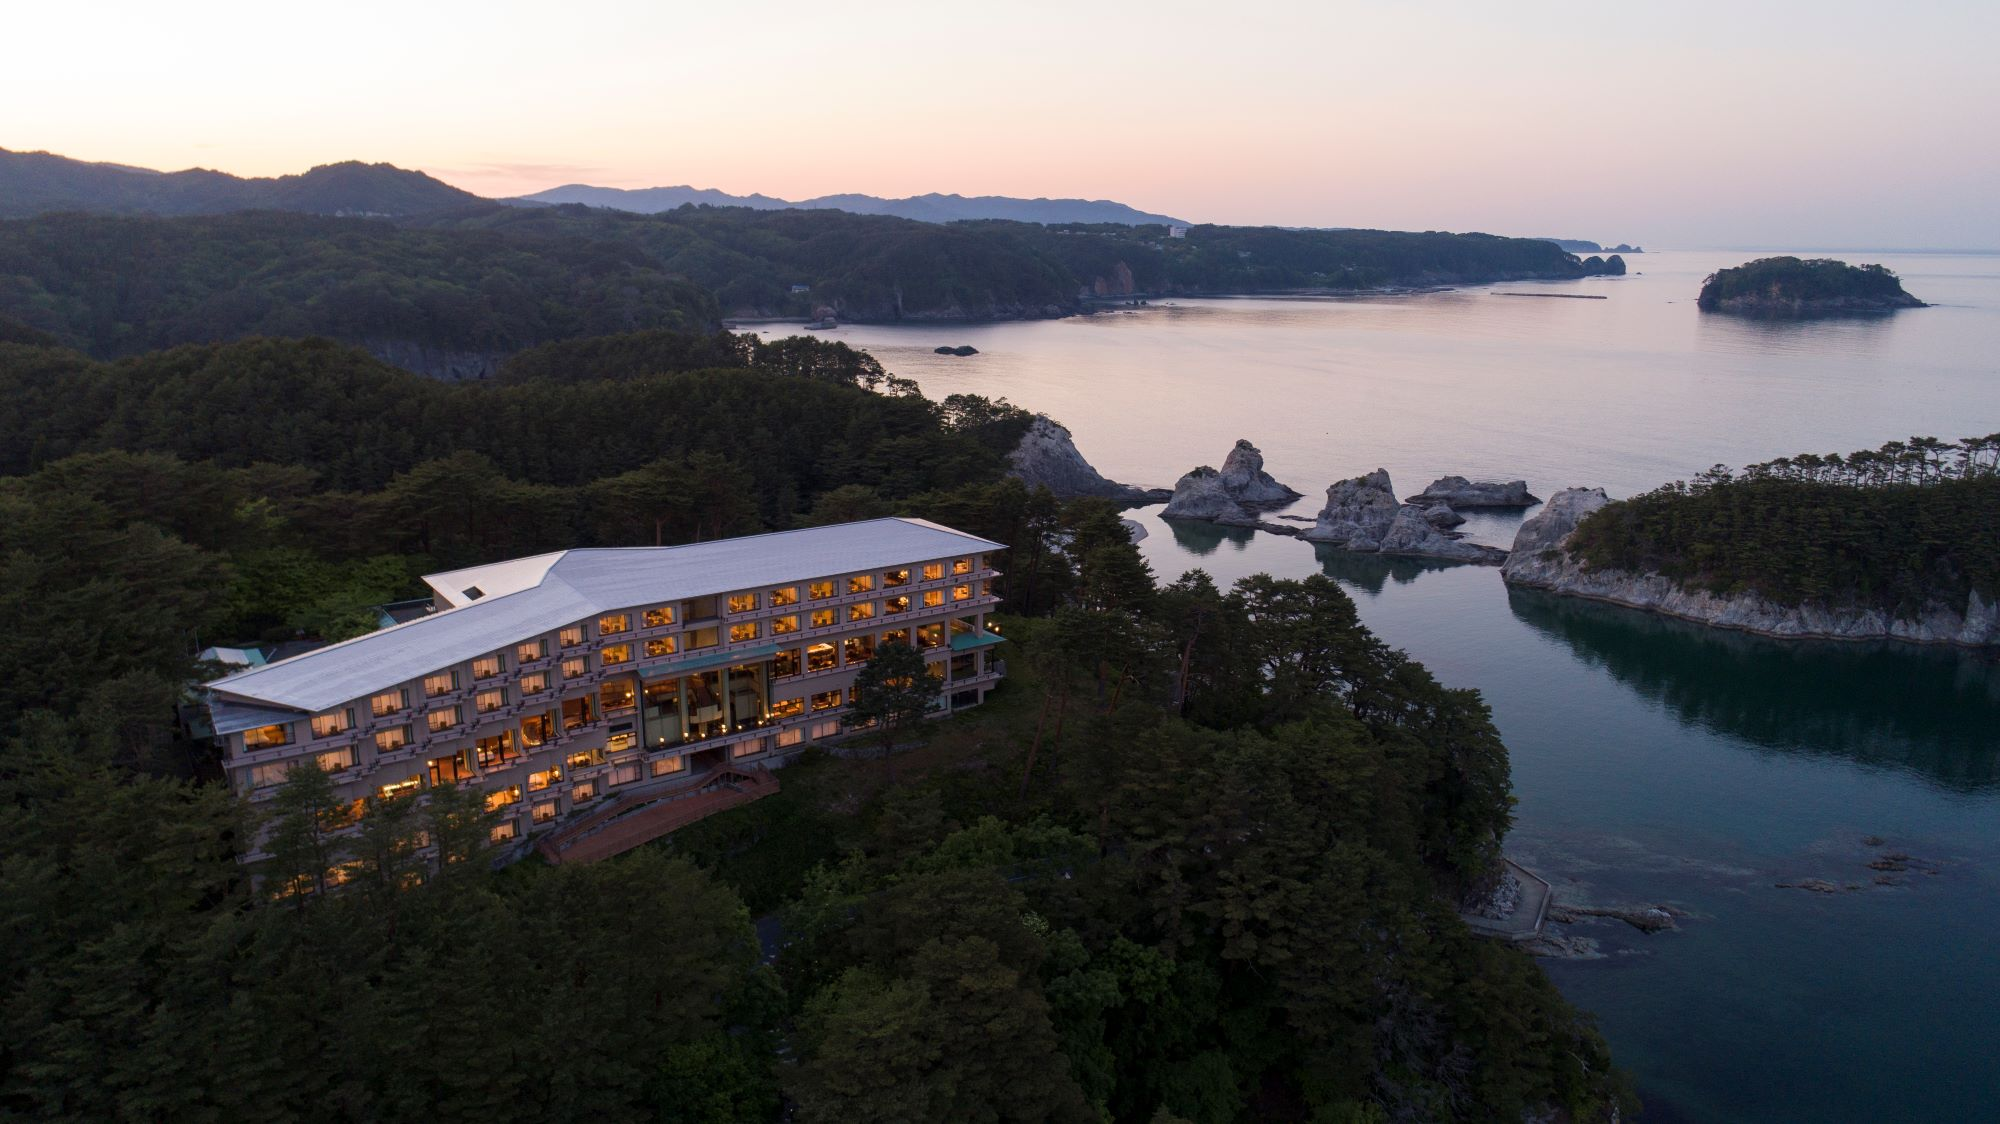 三陸復興国立公園 名勝「浄土ヶ浜」を望む高台で 全国のお客様を迎えしています。